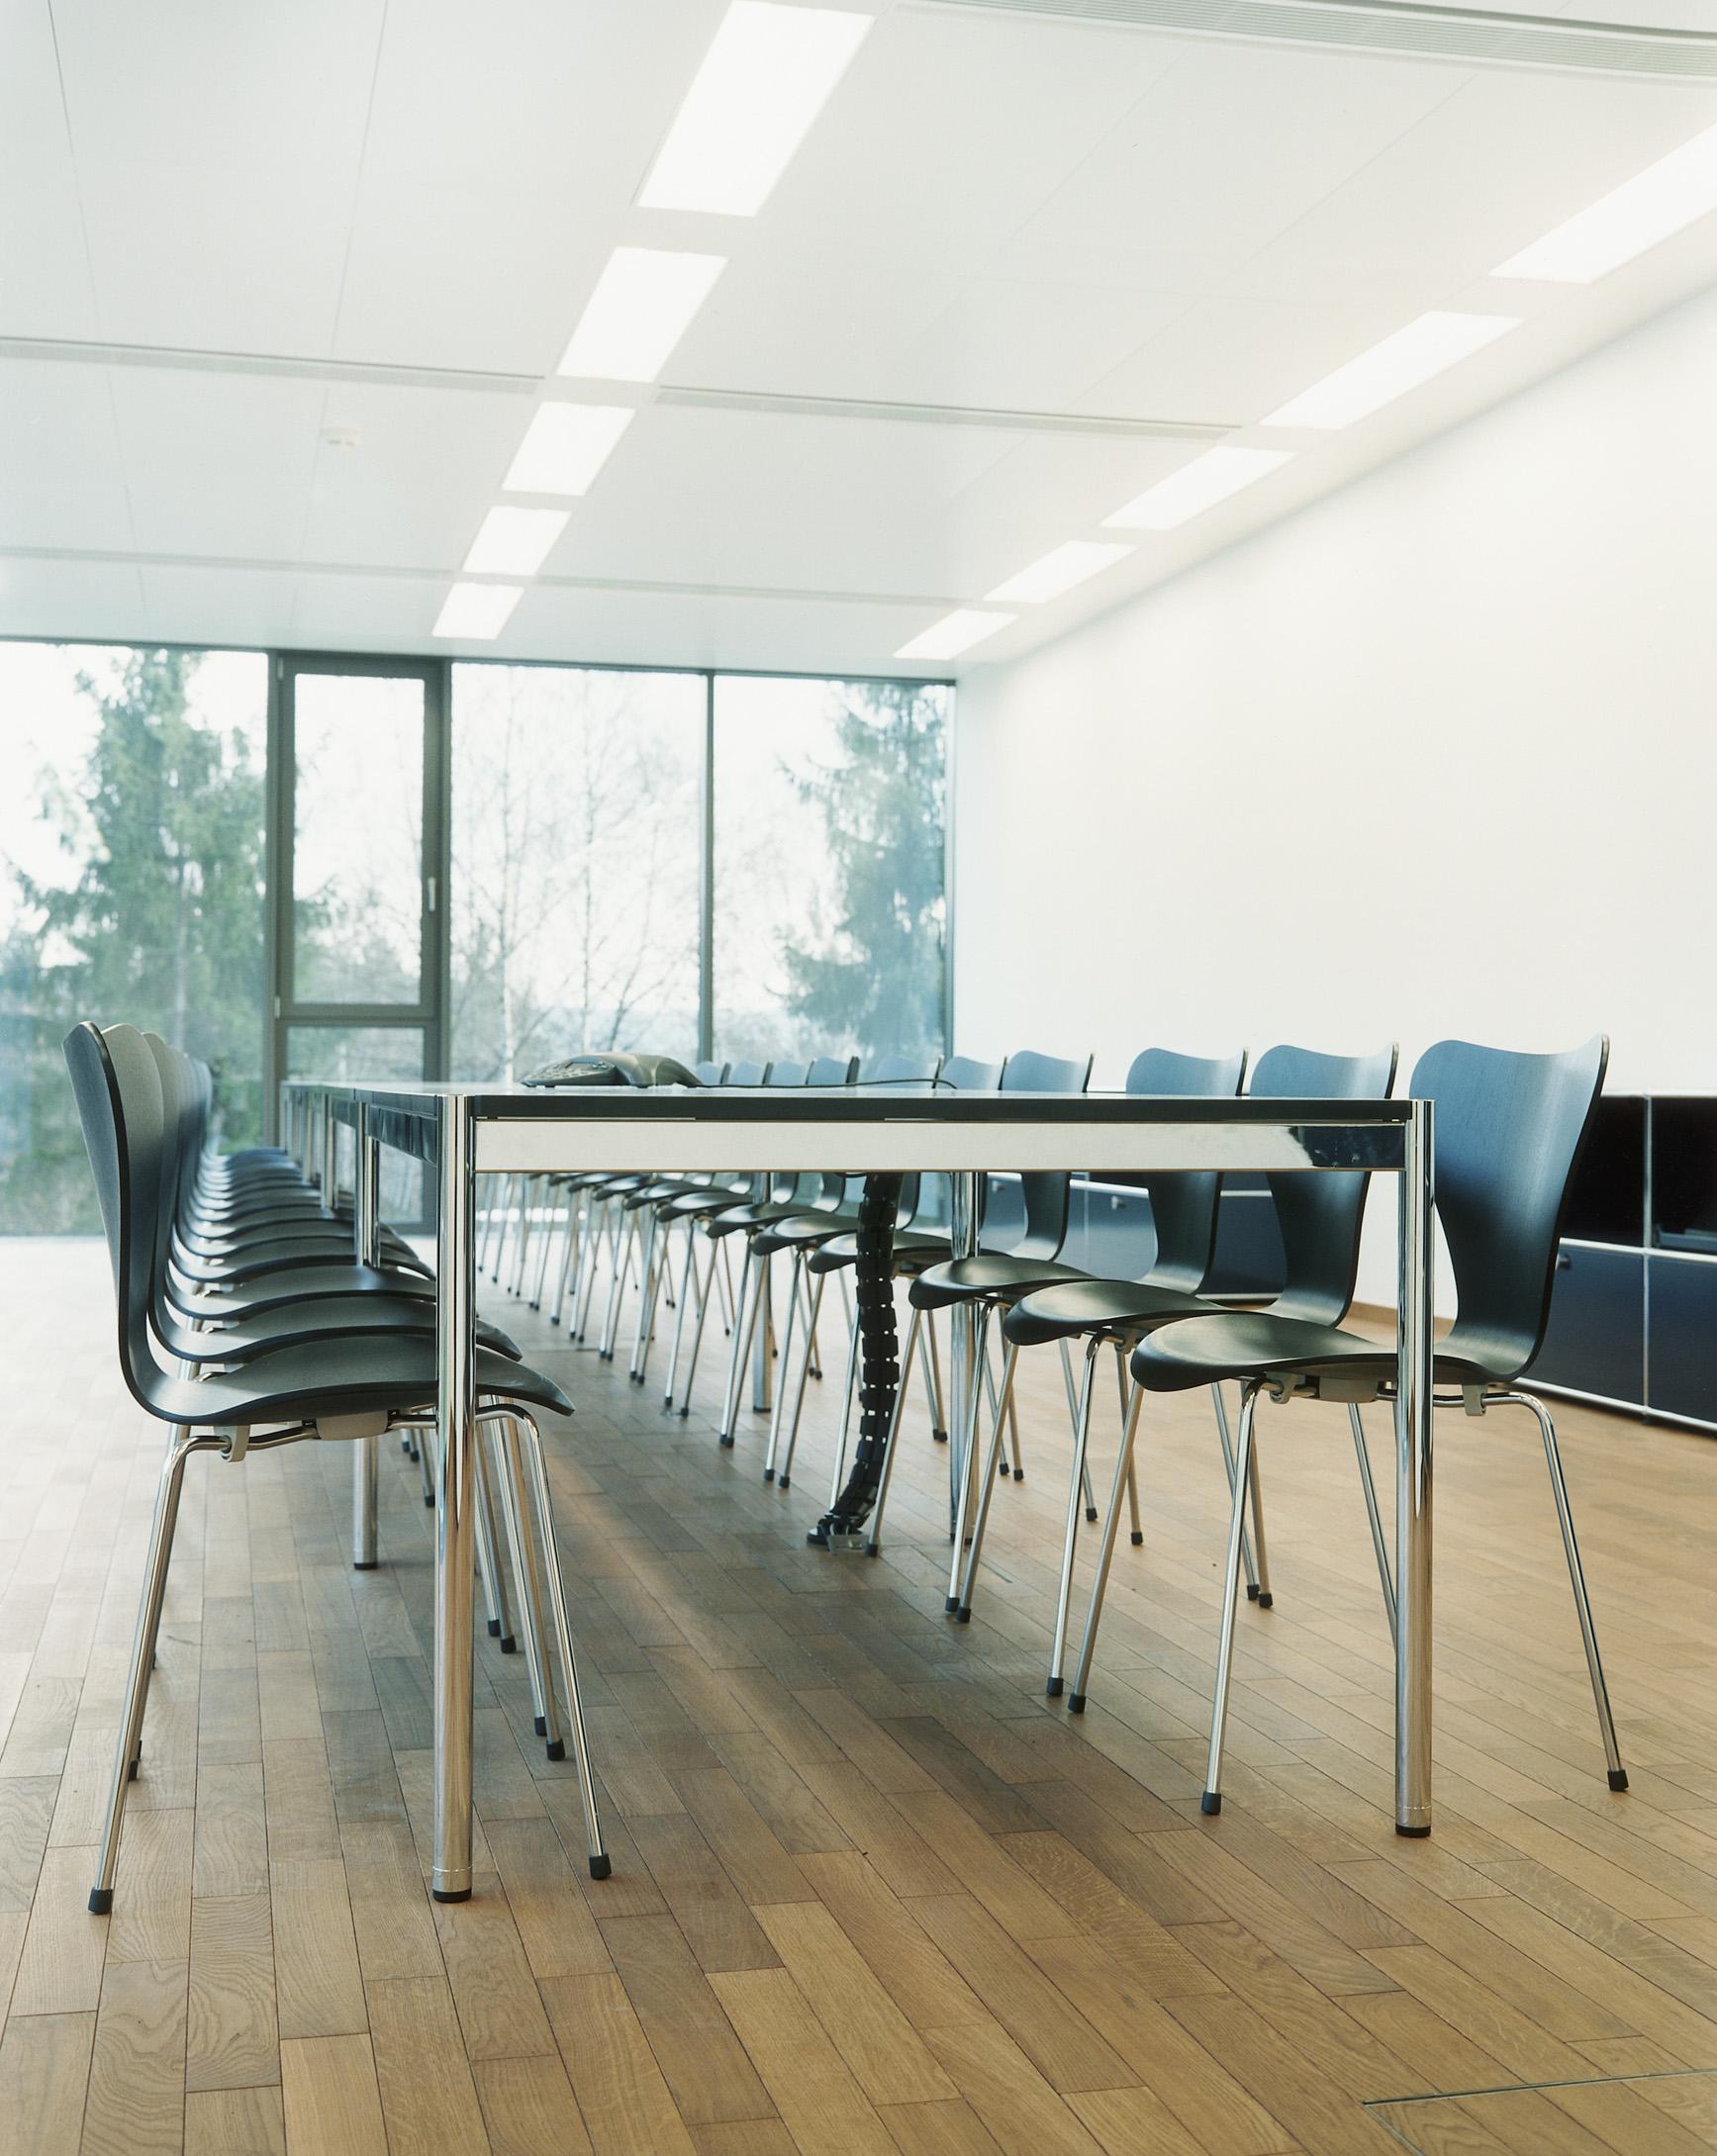 Puristischer Konferenzraum mit Blick ins Grüne.